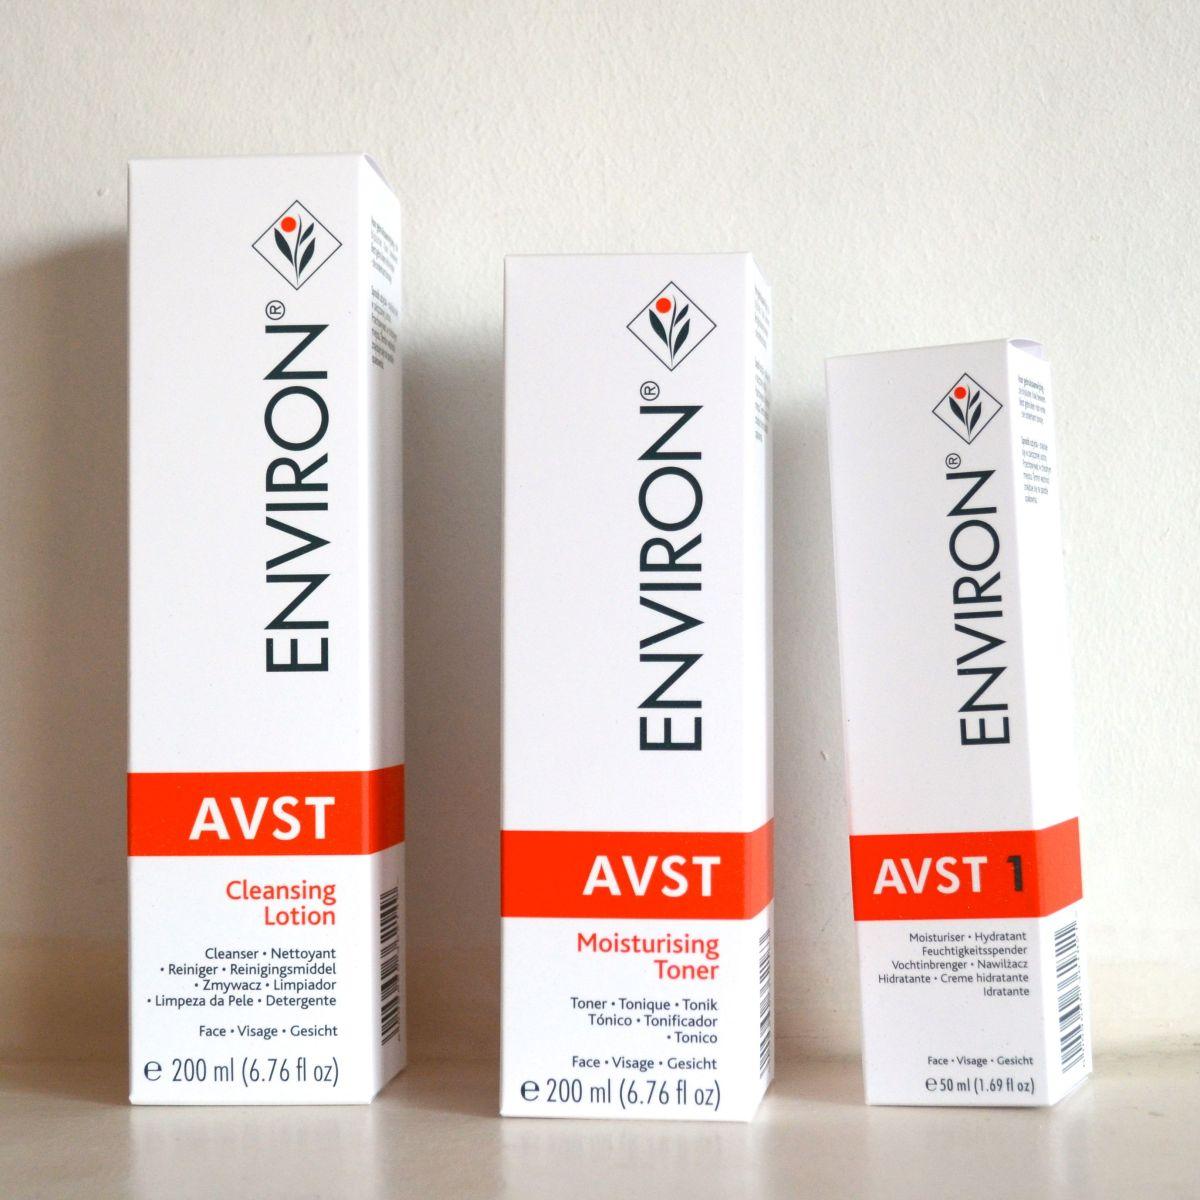 Review: Environ AVST Cleansing Lotion, Moisturising Toner & Moisturiser